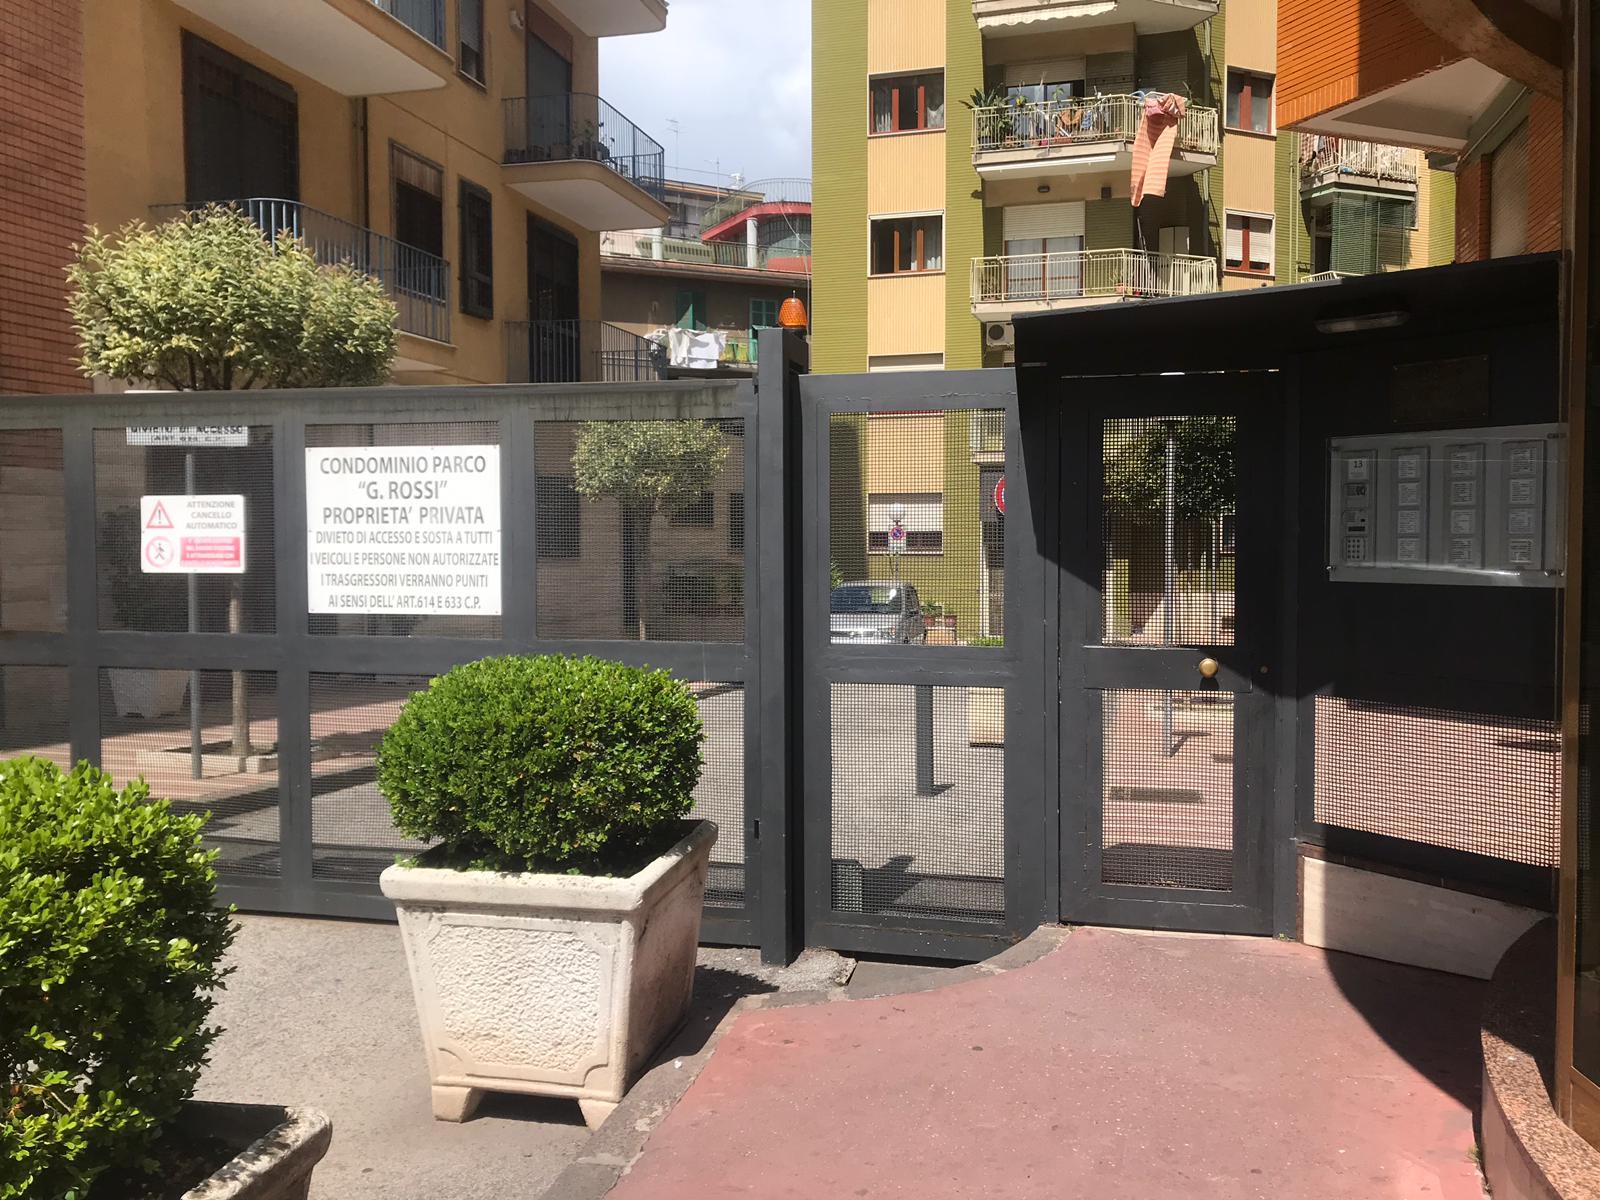 Appartamento in vendita a San Giorgio a Cremano, 2 locali, prezzo € 180.000   CambioCasa.it